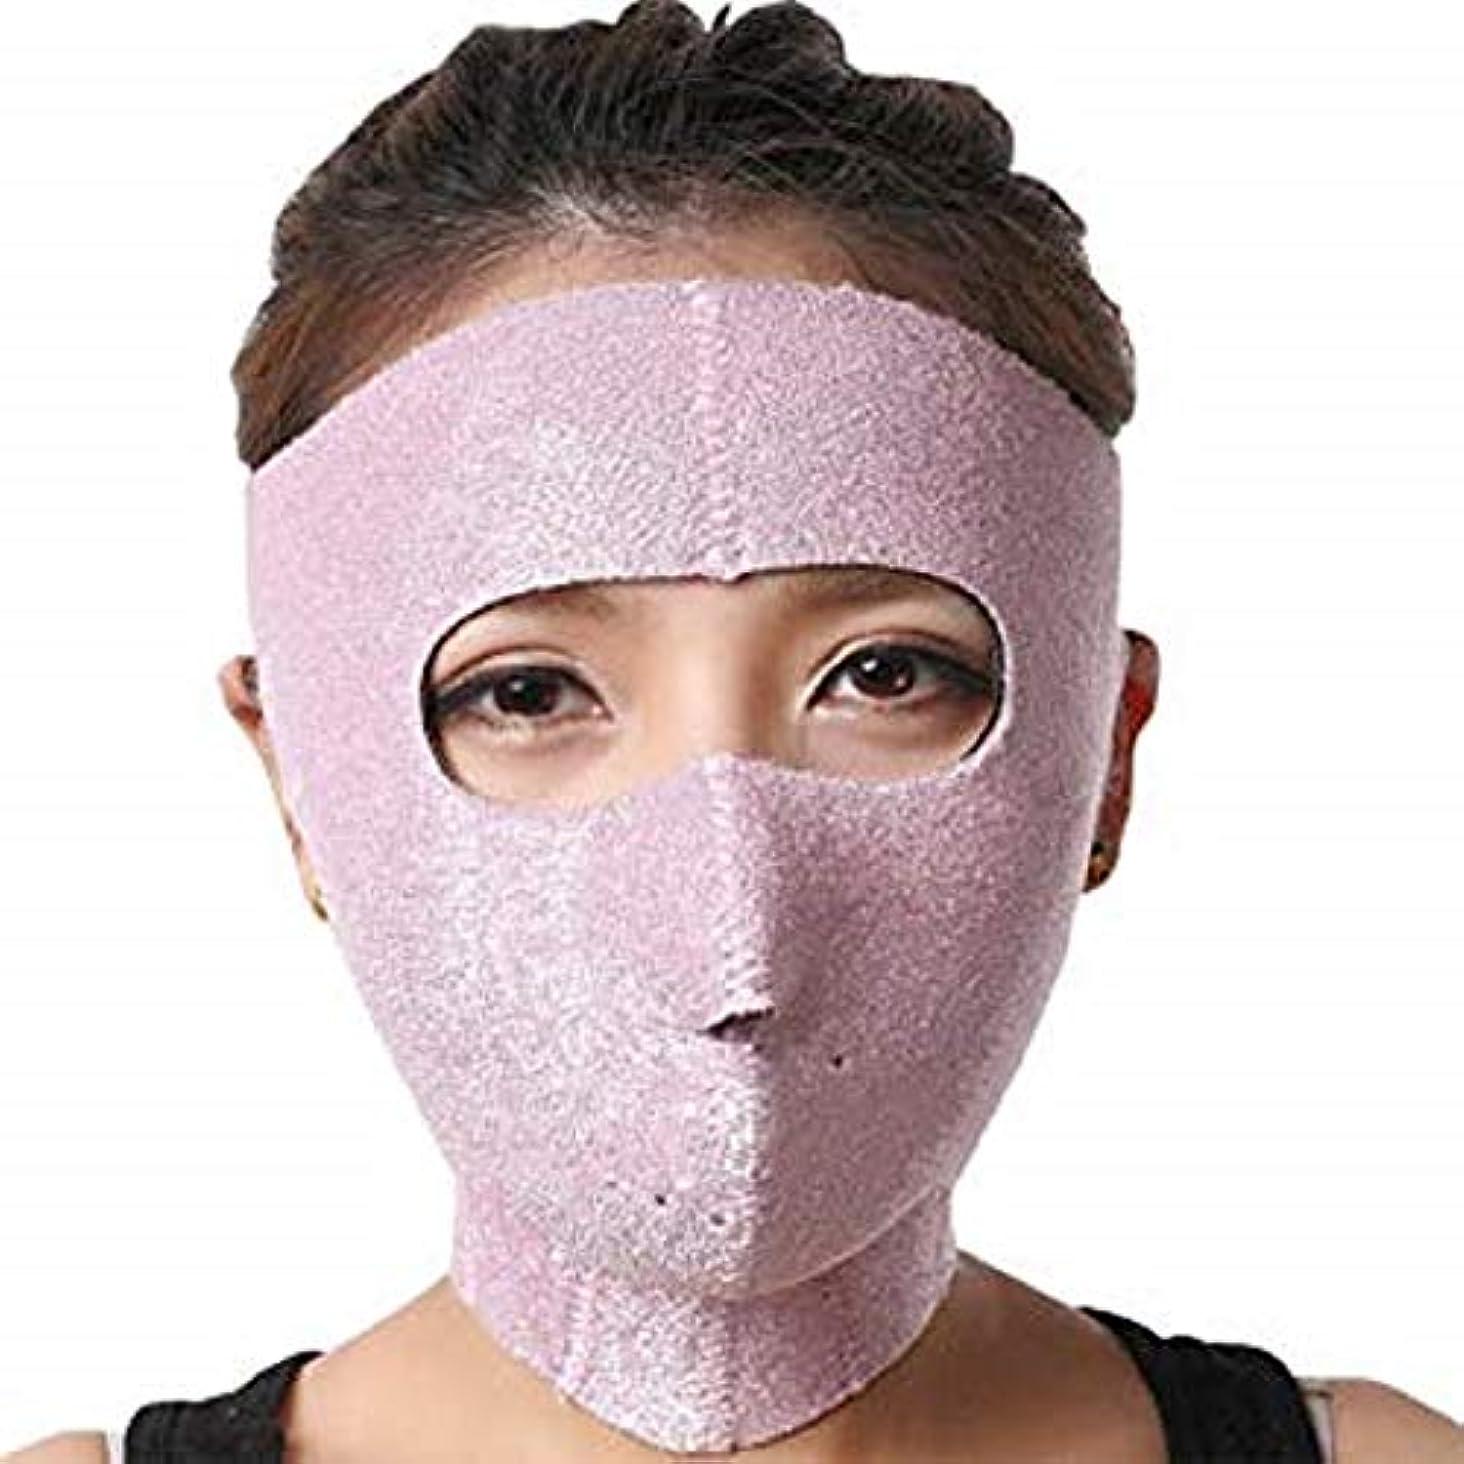 ラバ日付フォアマンリタプロショップ? 小顔矯正 3Dマスク 発汗 サウナ フェイスライン 引き締め